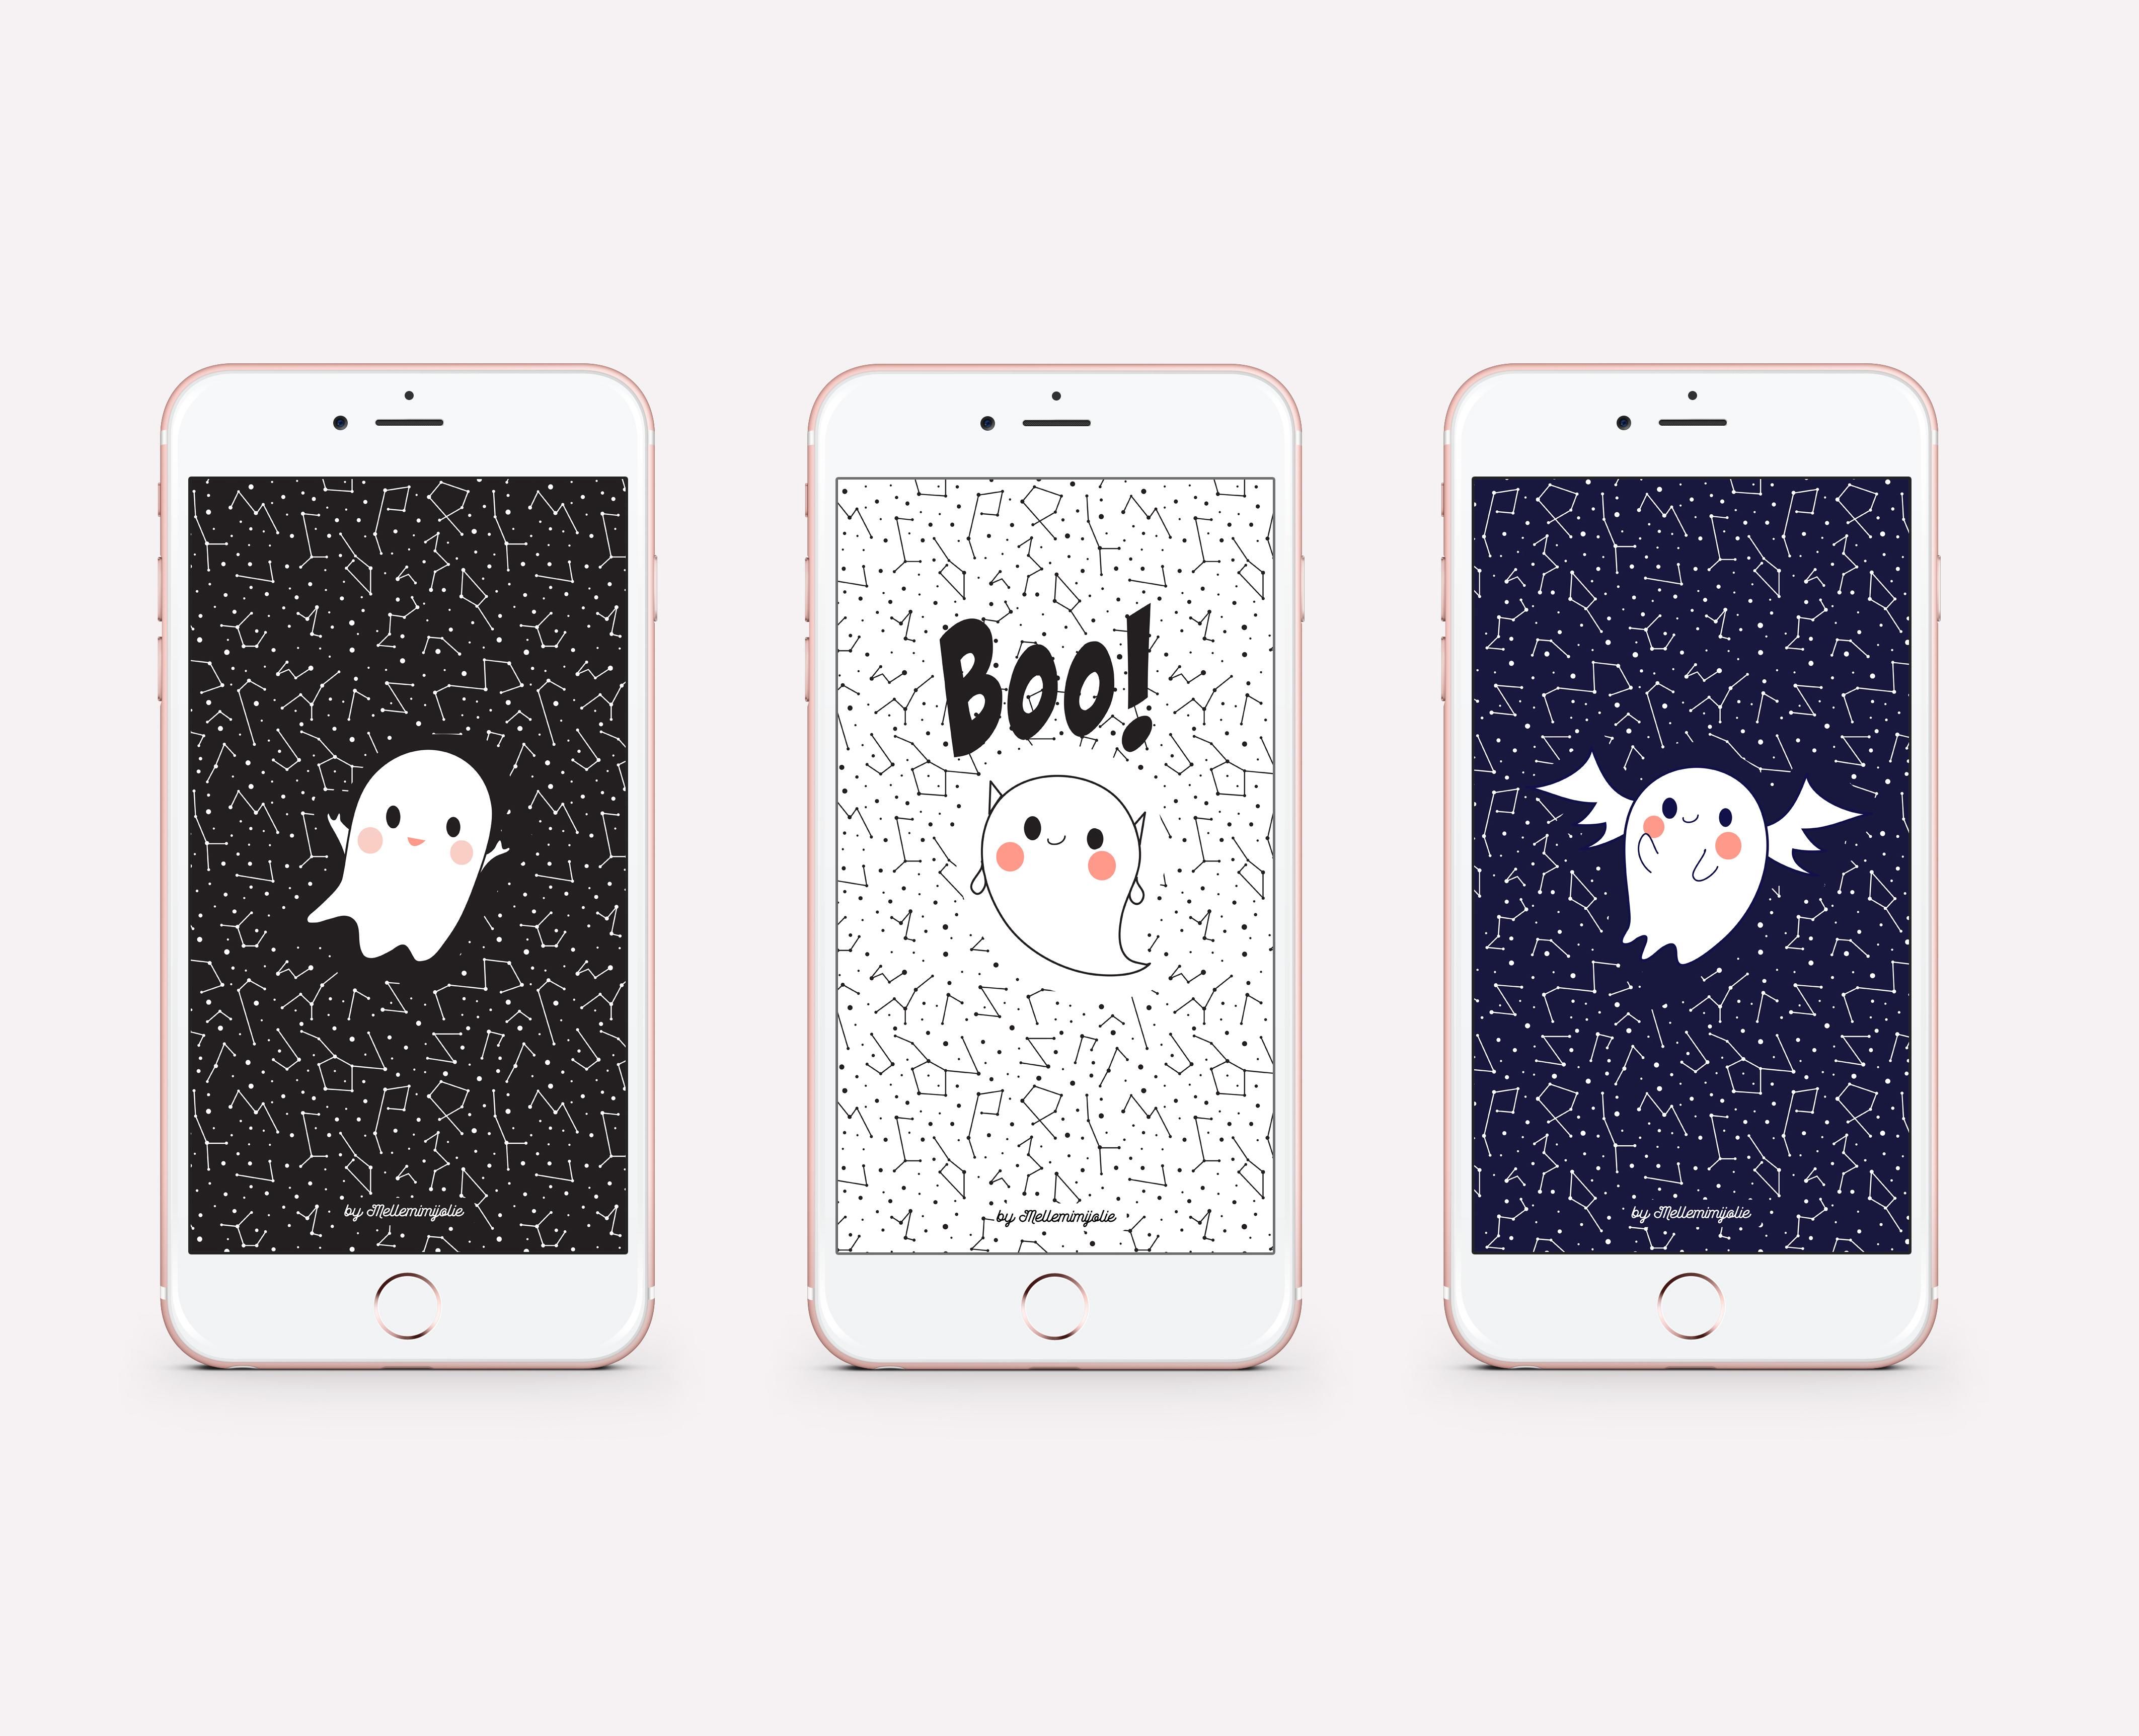 boo-halloween-mellemimijolie